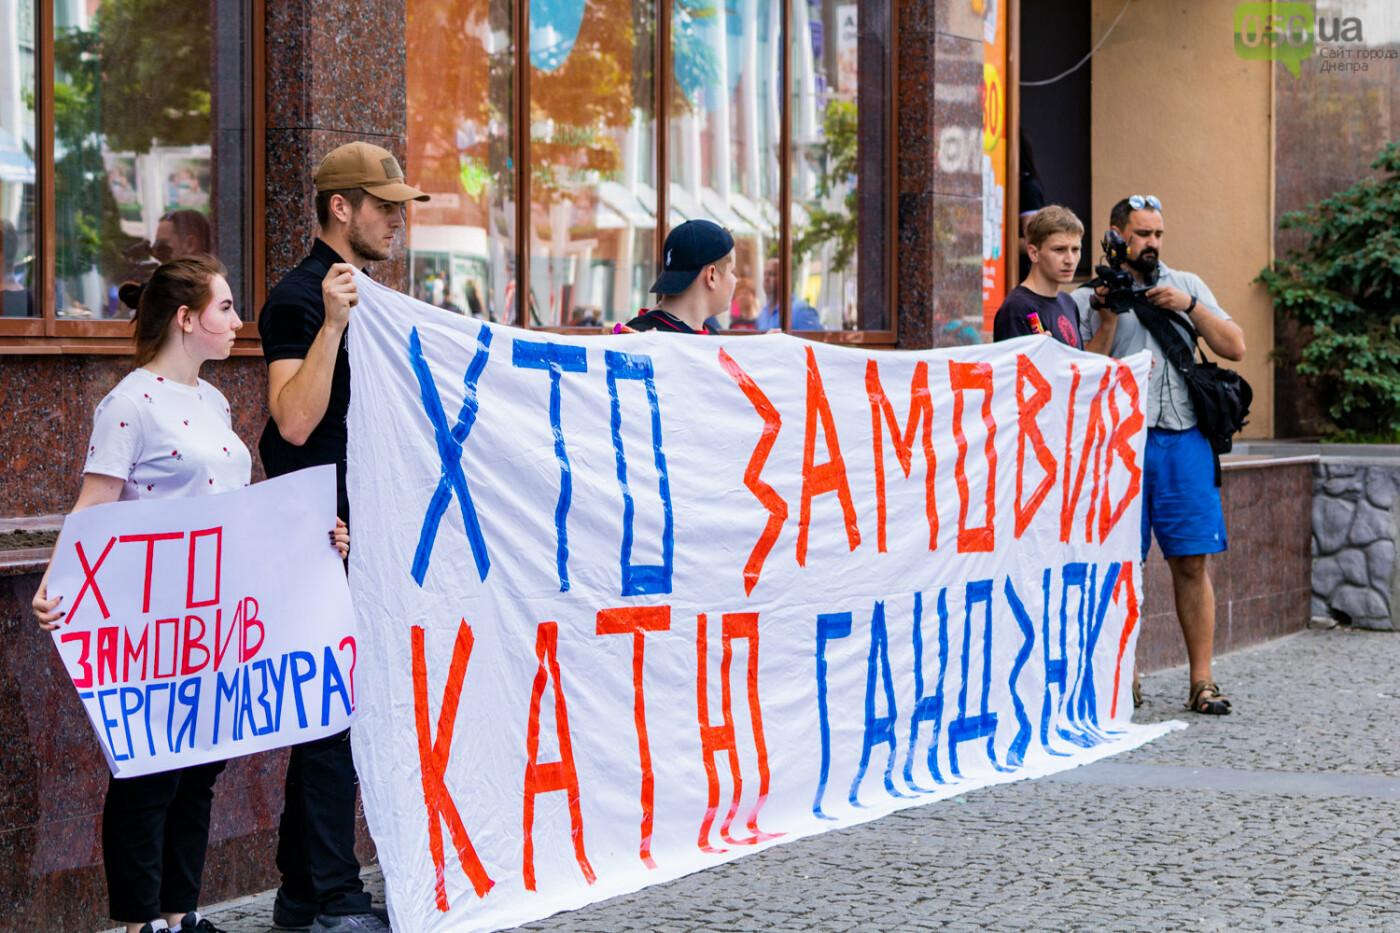 Фаера, плакаты и активисты: в центре Днепра прошла акция «Хто замовив Катю Гандзюк?», - ФОТОРЕПОРТАЖ, фото-3